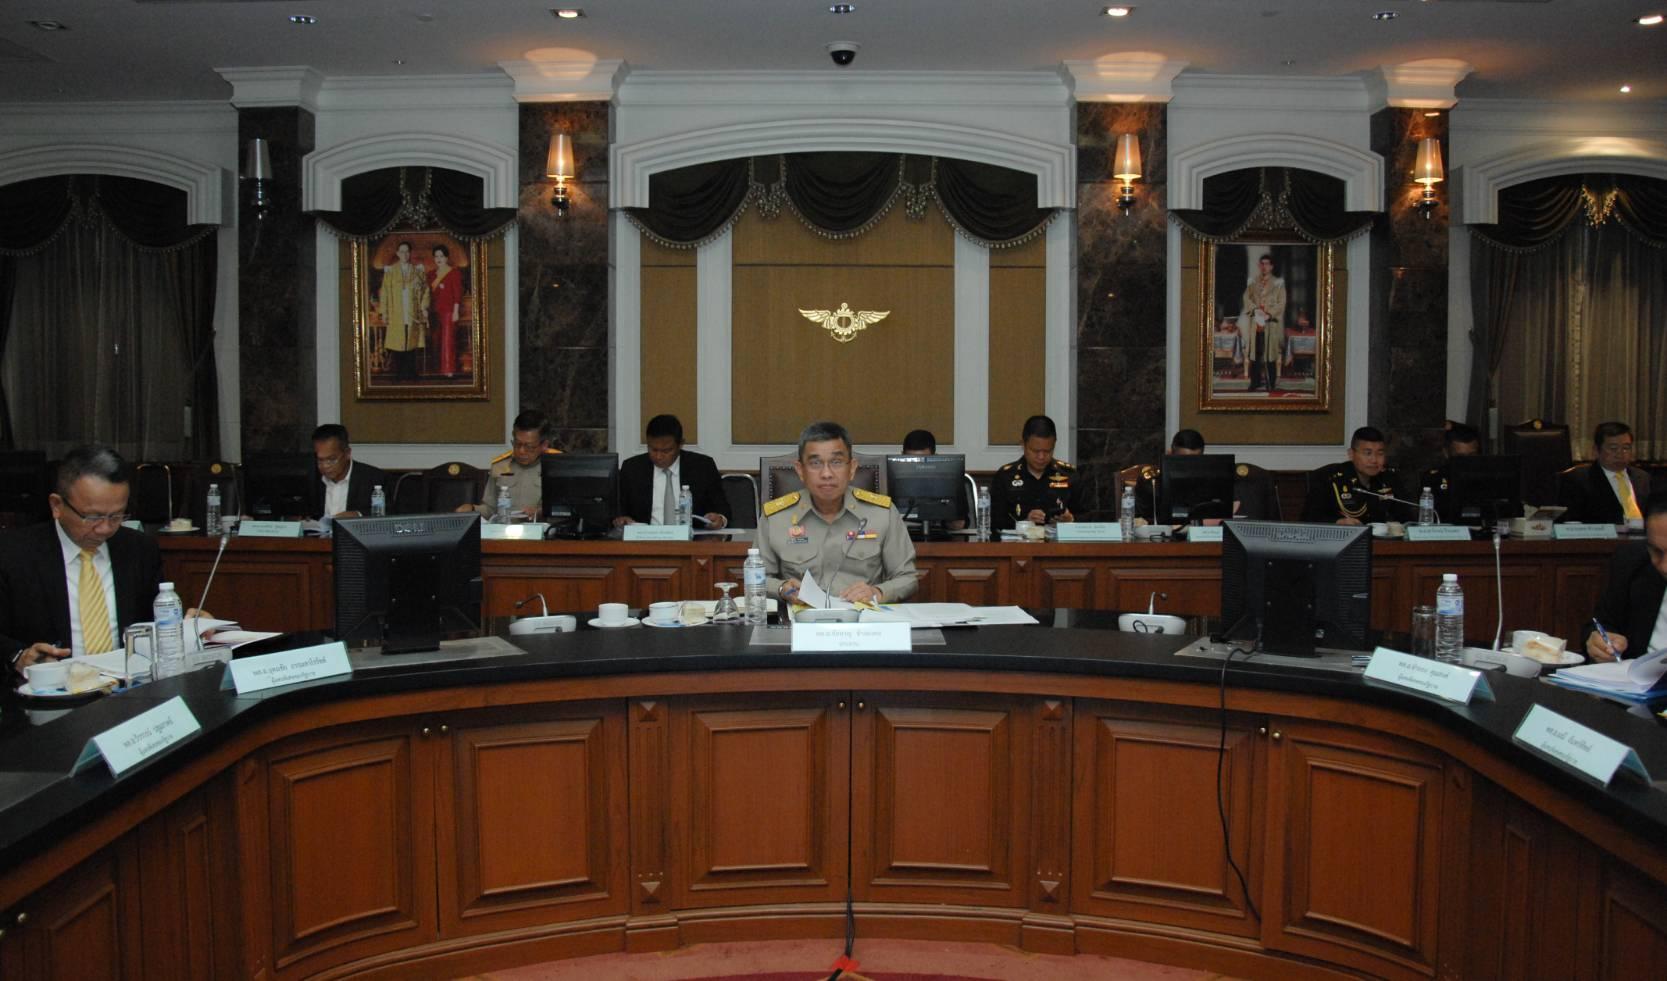 รองหัวหน้าผู้แทนพิเศษของรัฐบาล เป็นประธานการประชุมผู้แทนพิเศษของรัฐบาล ครั้งที่ 6/2561